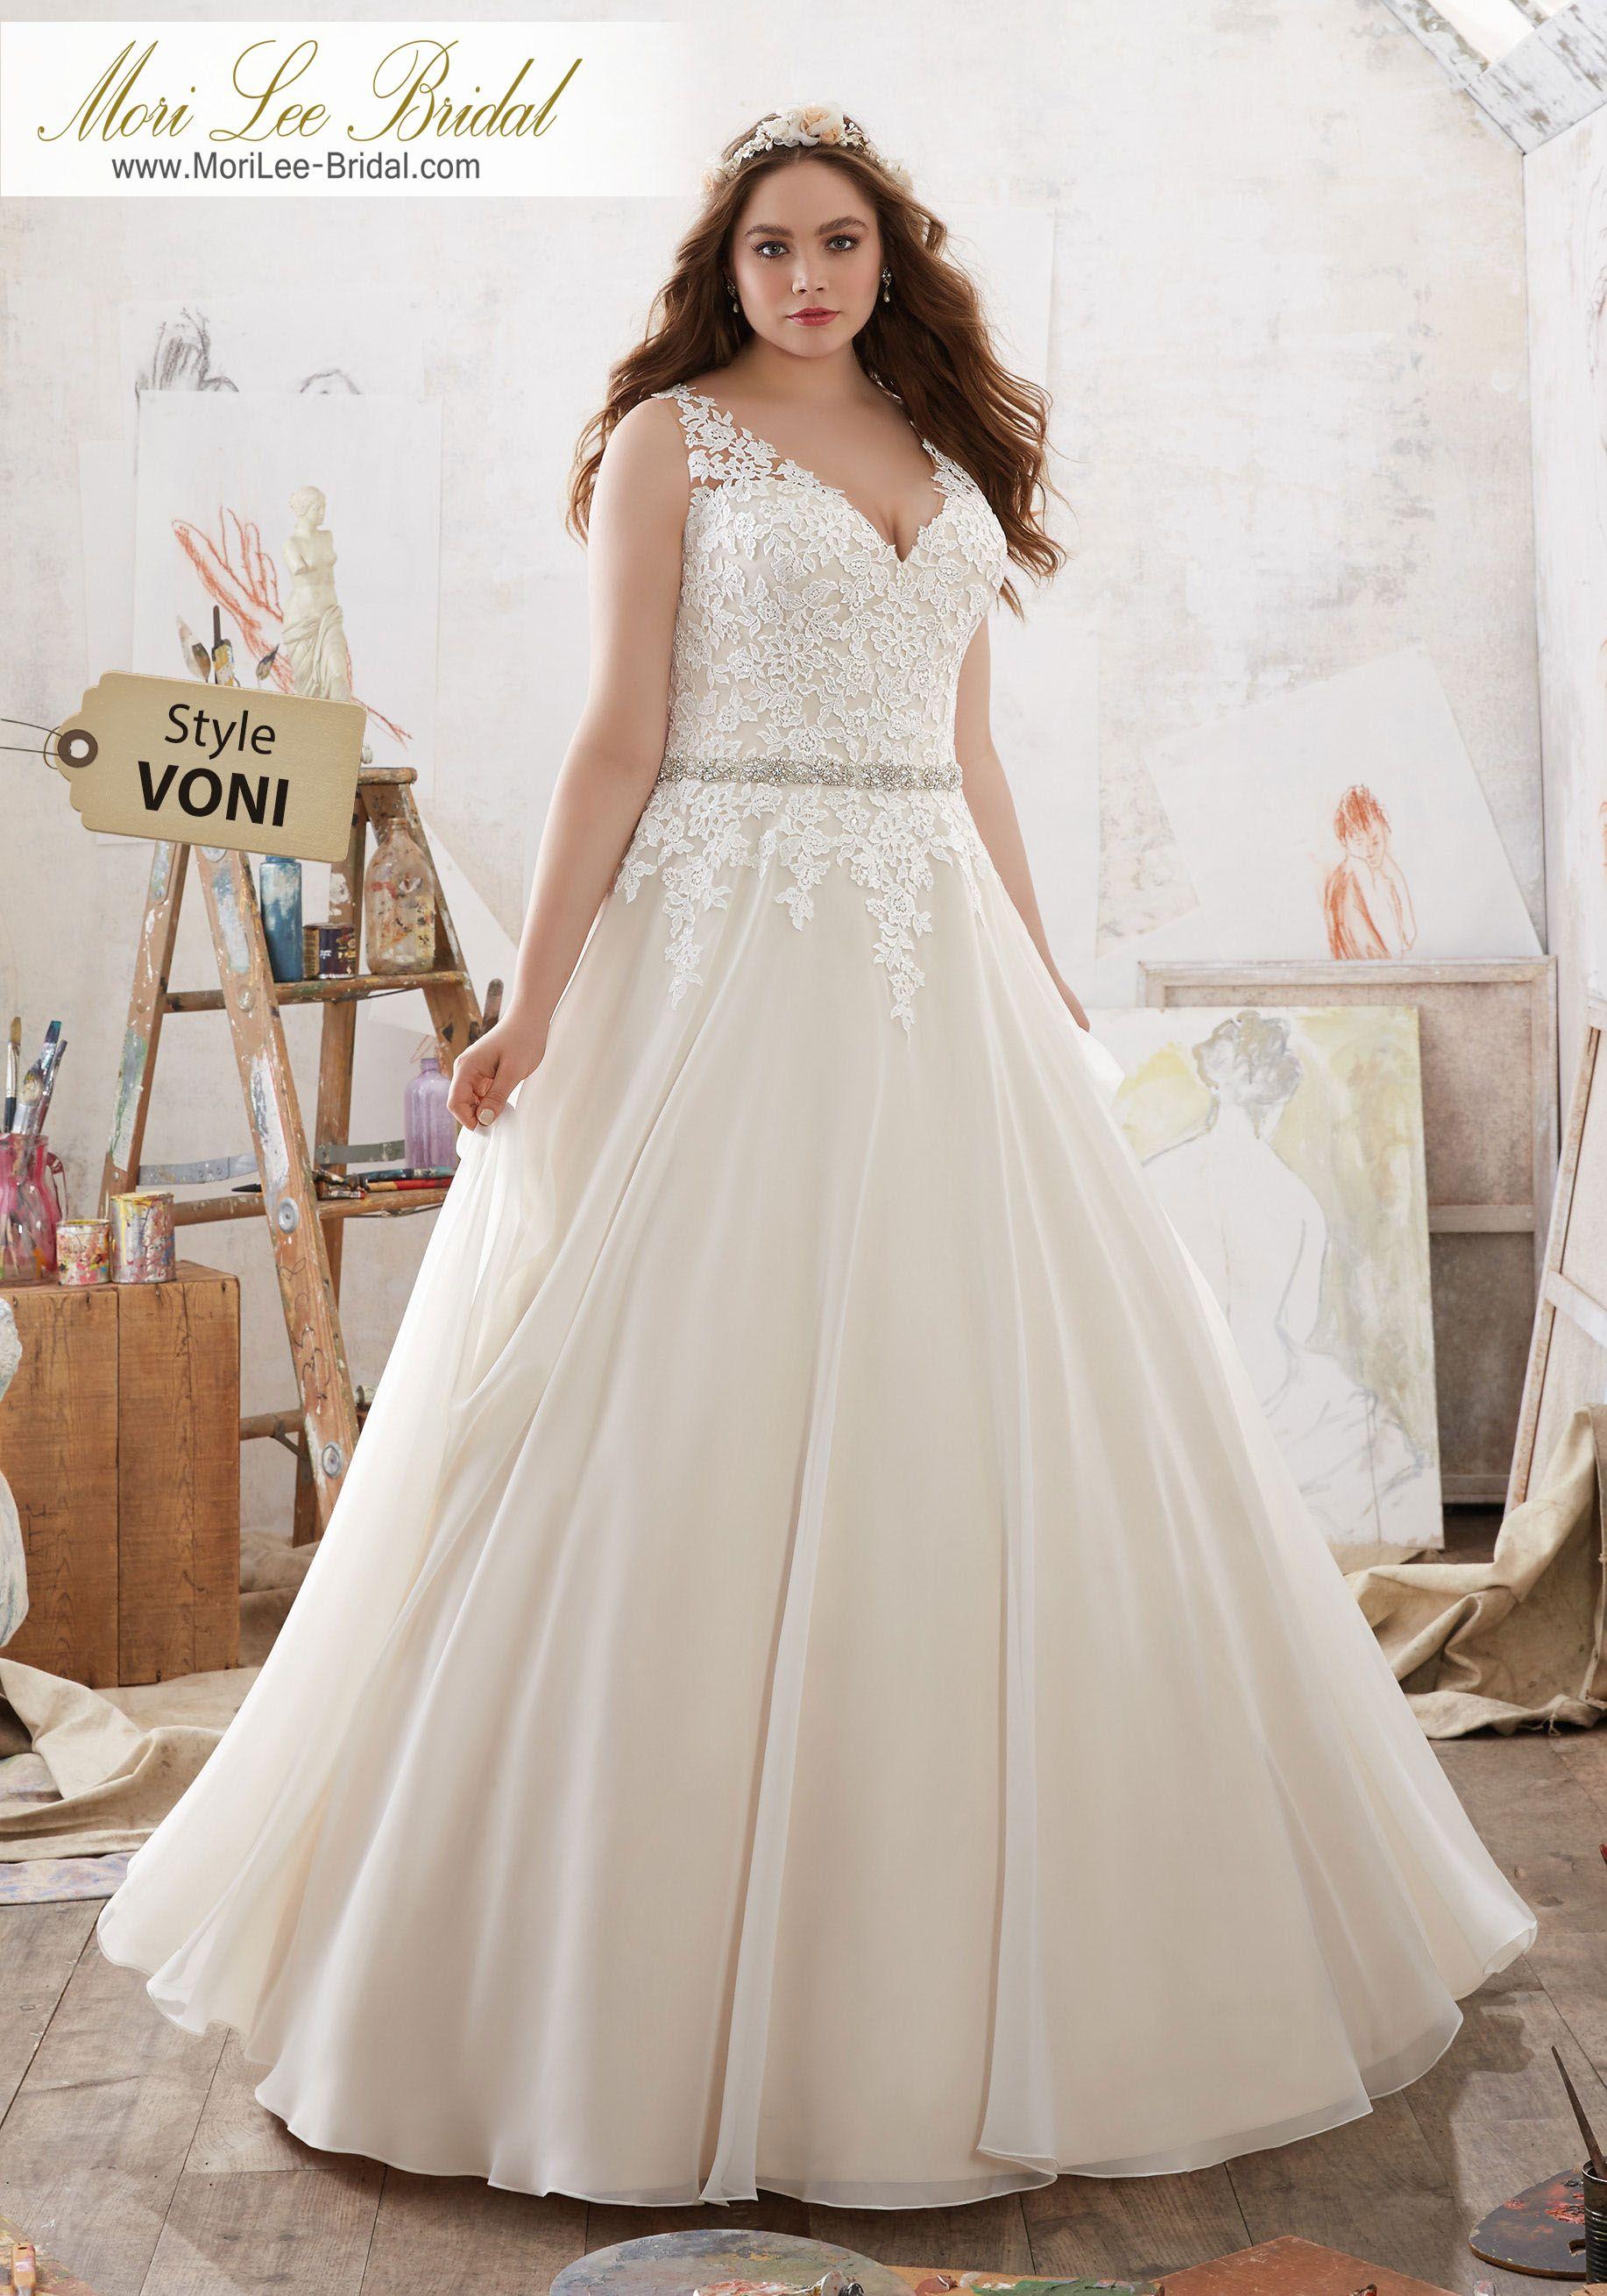 Style VONI Michelle Wedding Dress Frosted Venice Lace AppliquéŽs